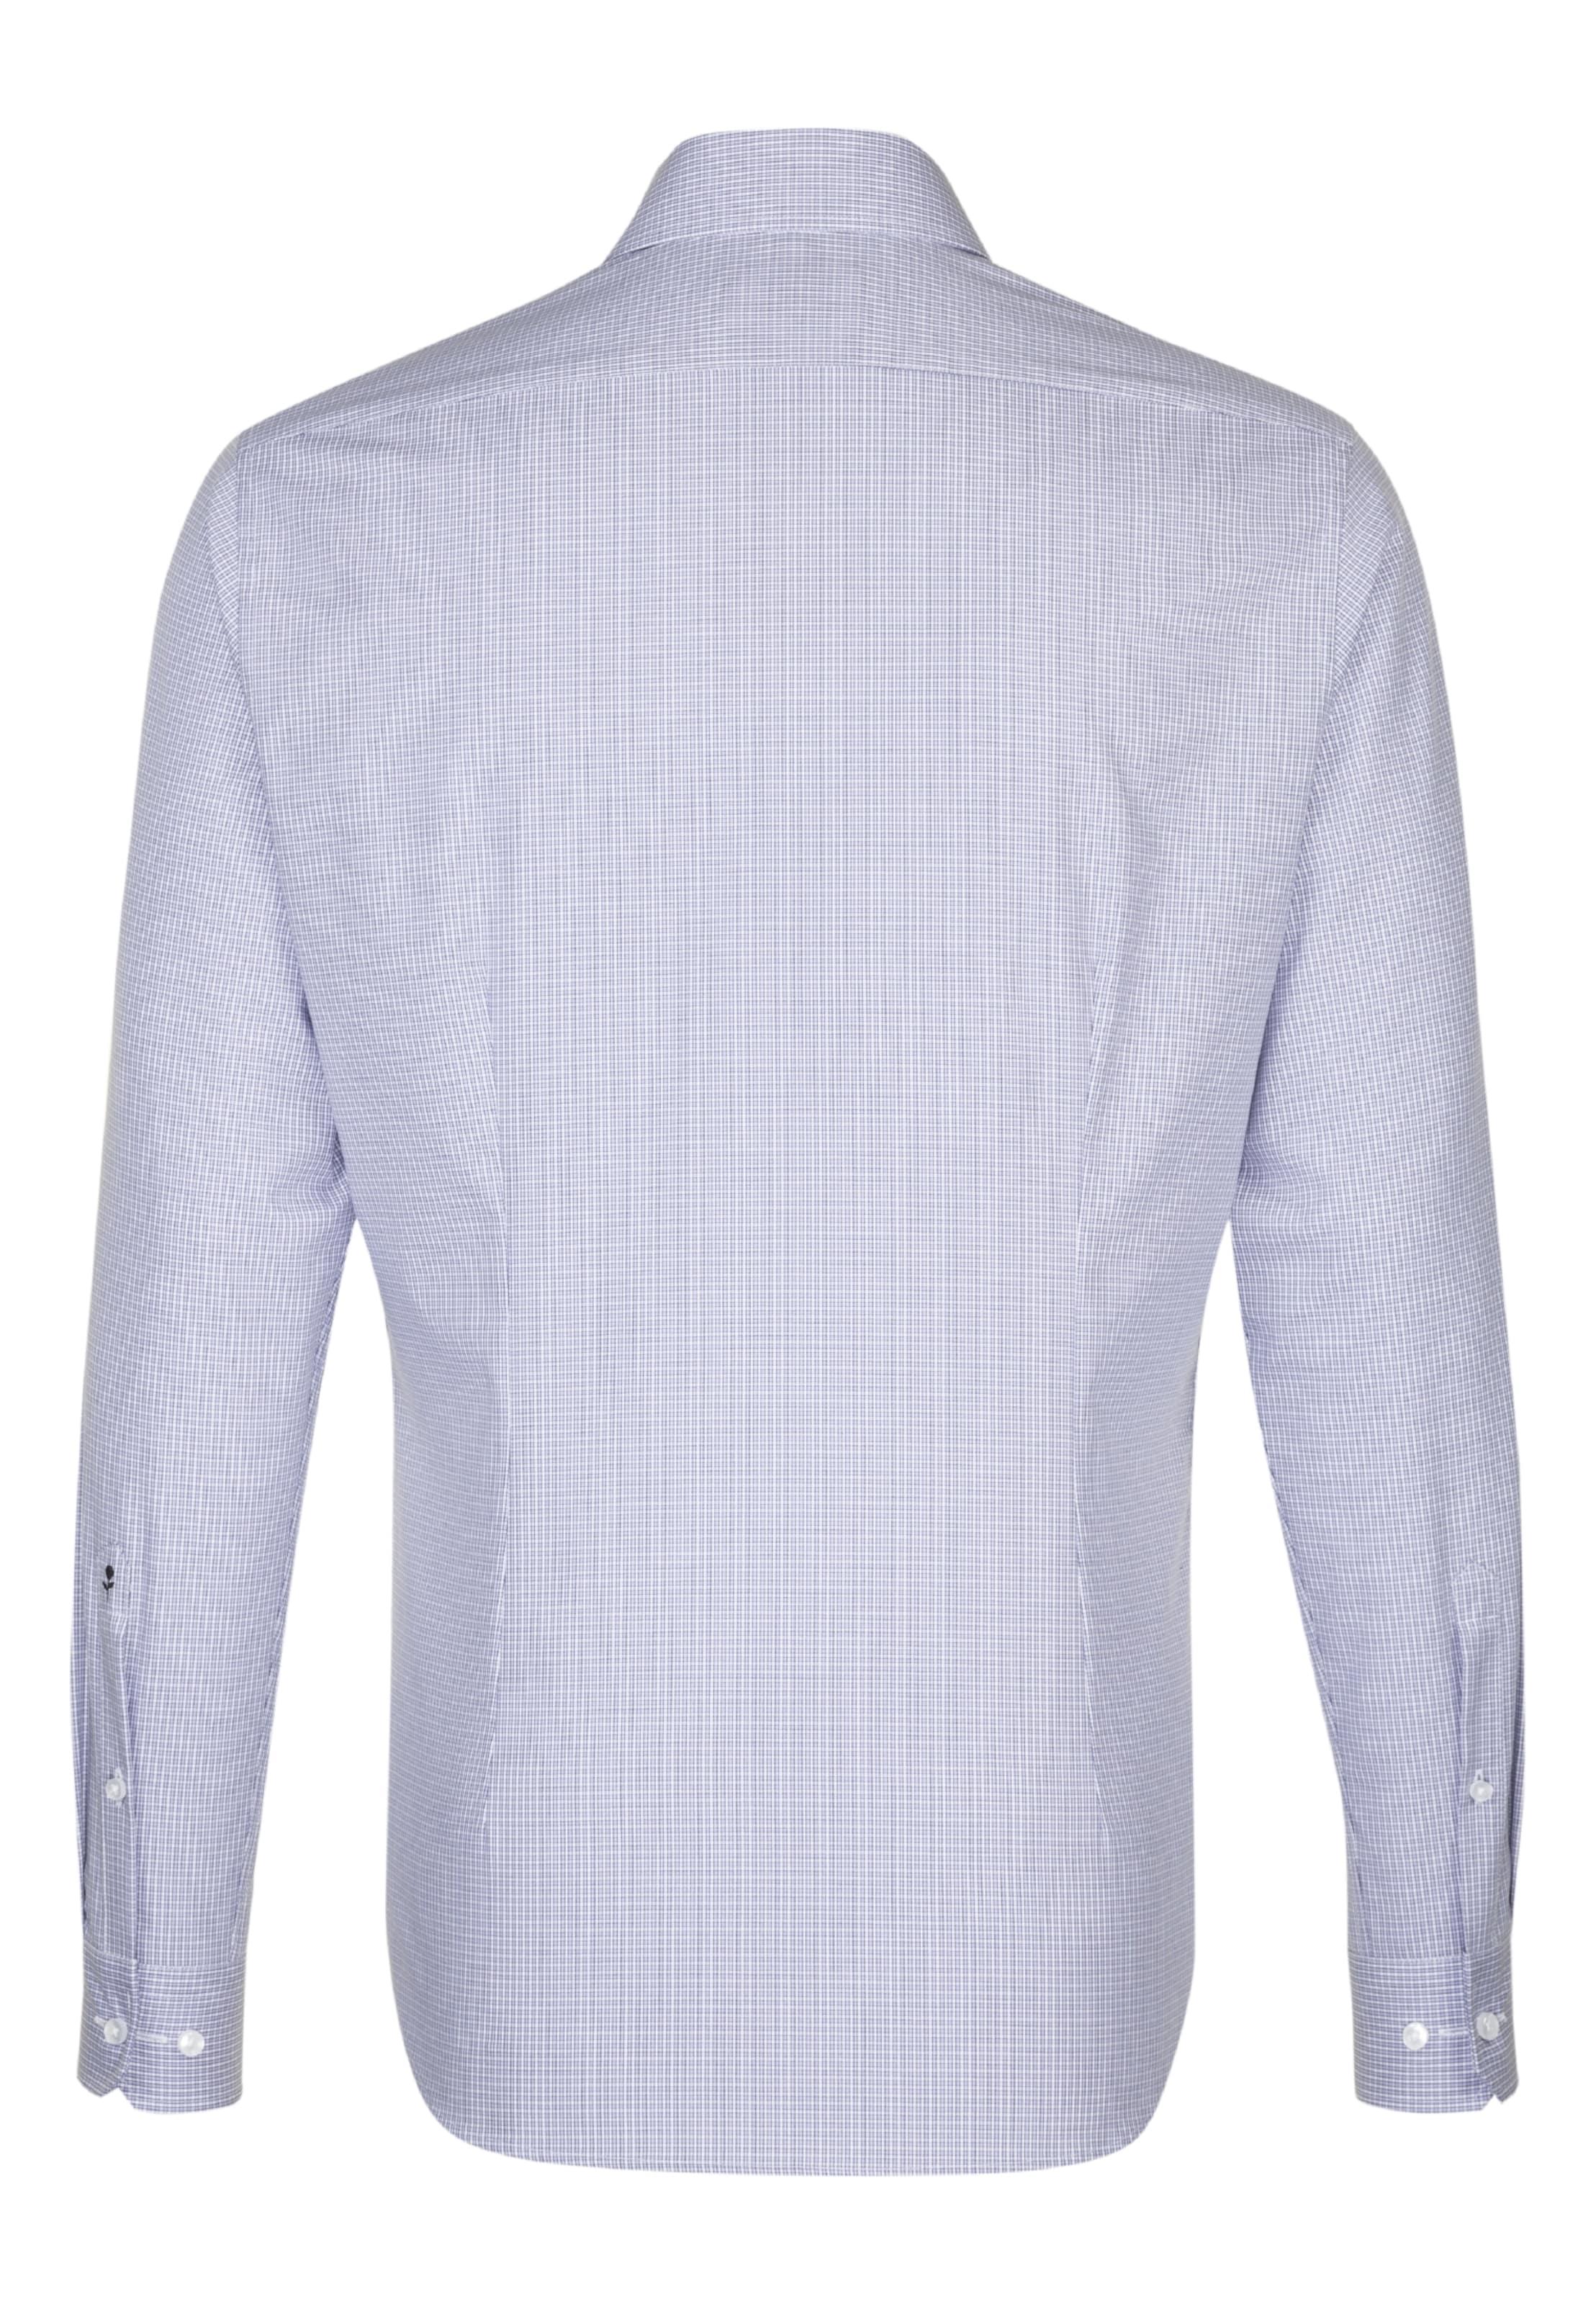 City hemd Hellblau Seidensticker 'tailored' In bgf76Yy